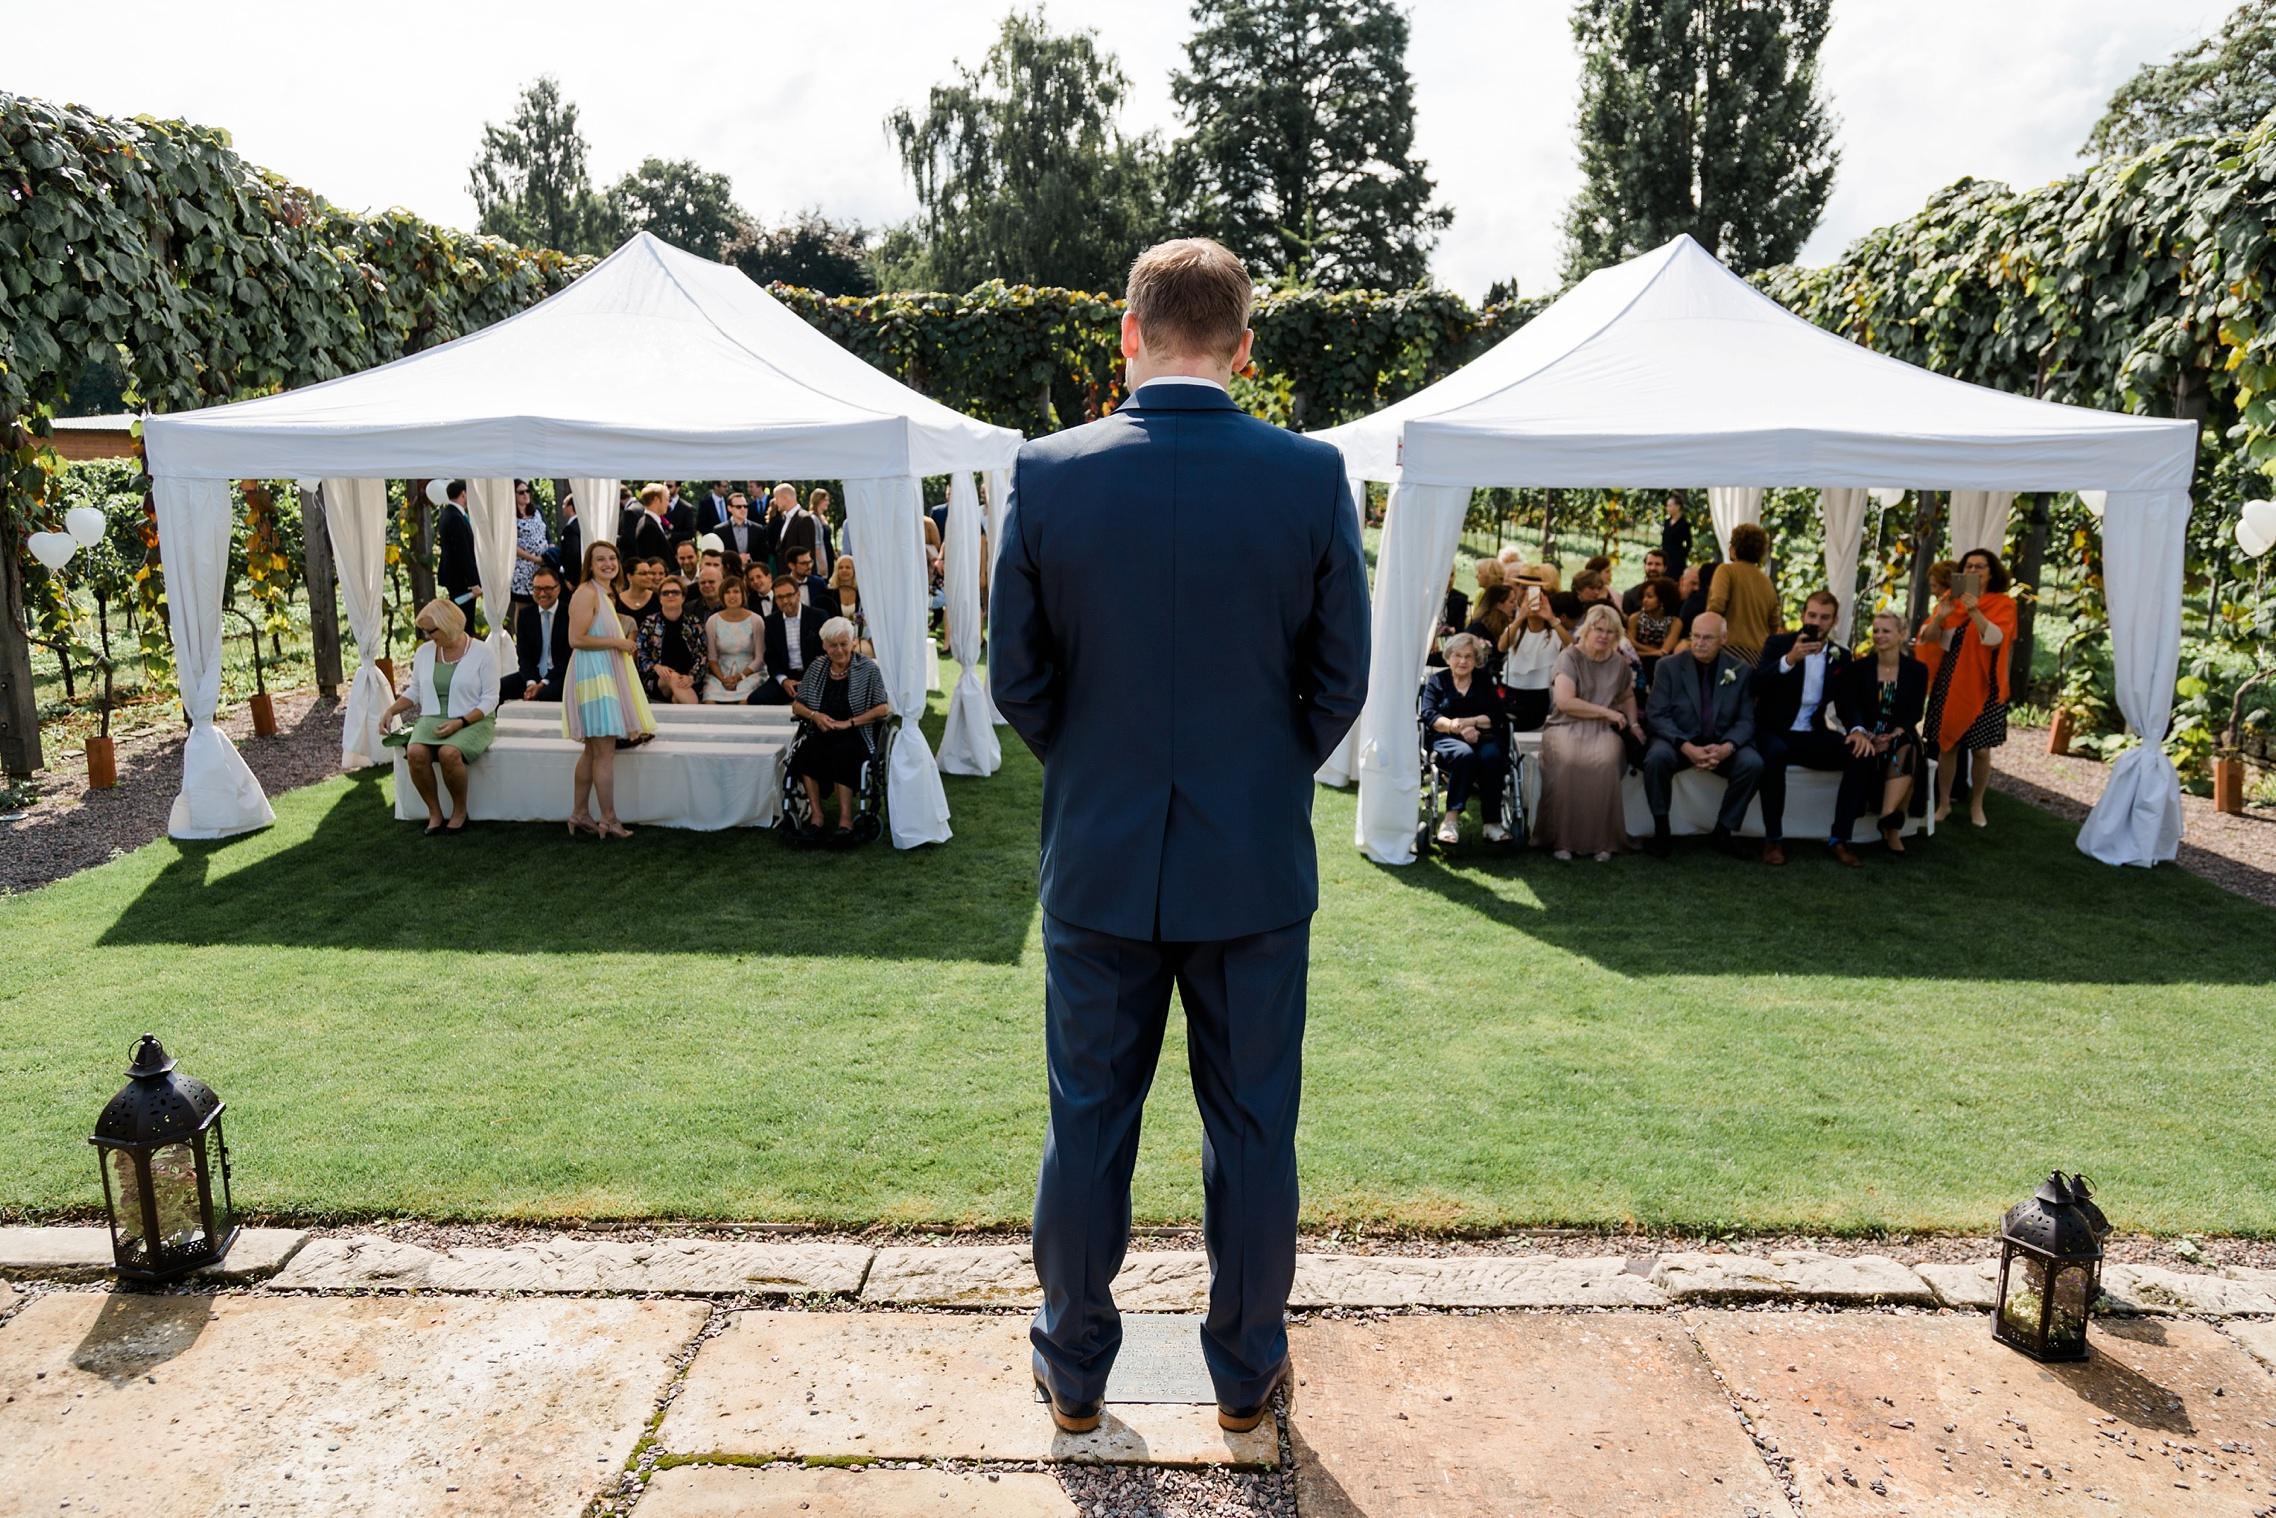 Der Bräutigam wartet gespannt auf seine Braut in der RebArena im Weingut Fitz-Ritter in Bad Dürkheim.